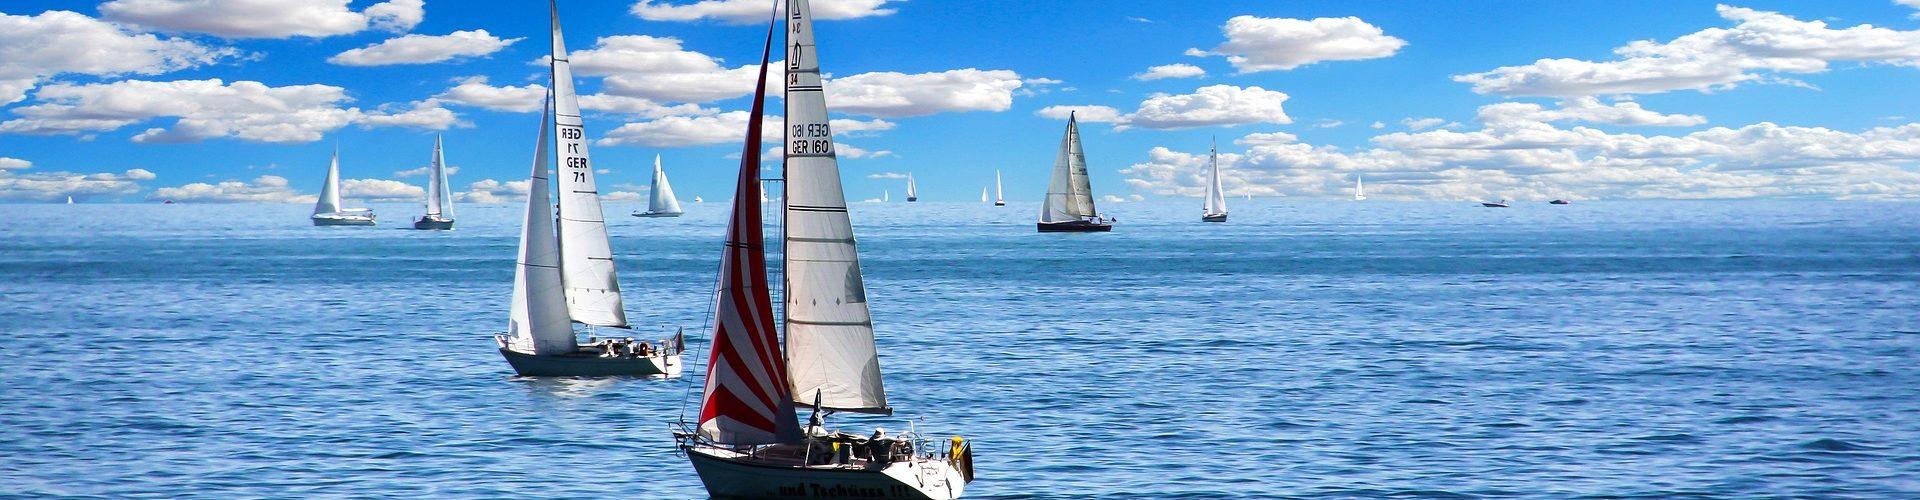 segeln lernen in Burgdorf segelschein machen in Burgdorf 1920x500 - Segeln lernen in Burgdorf